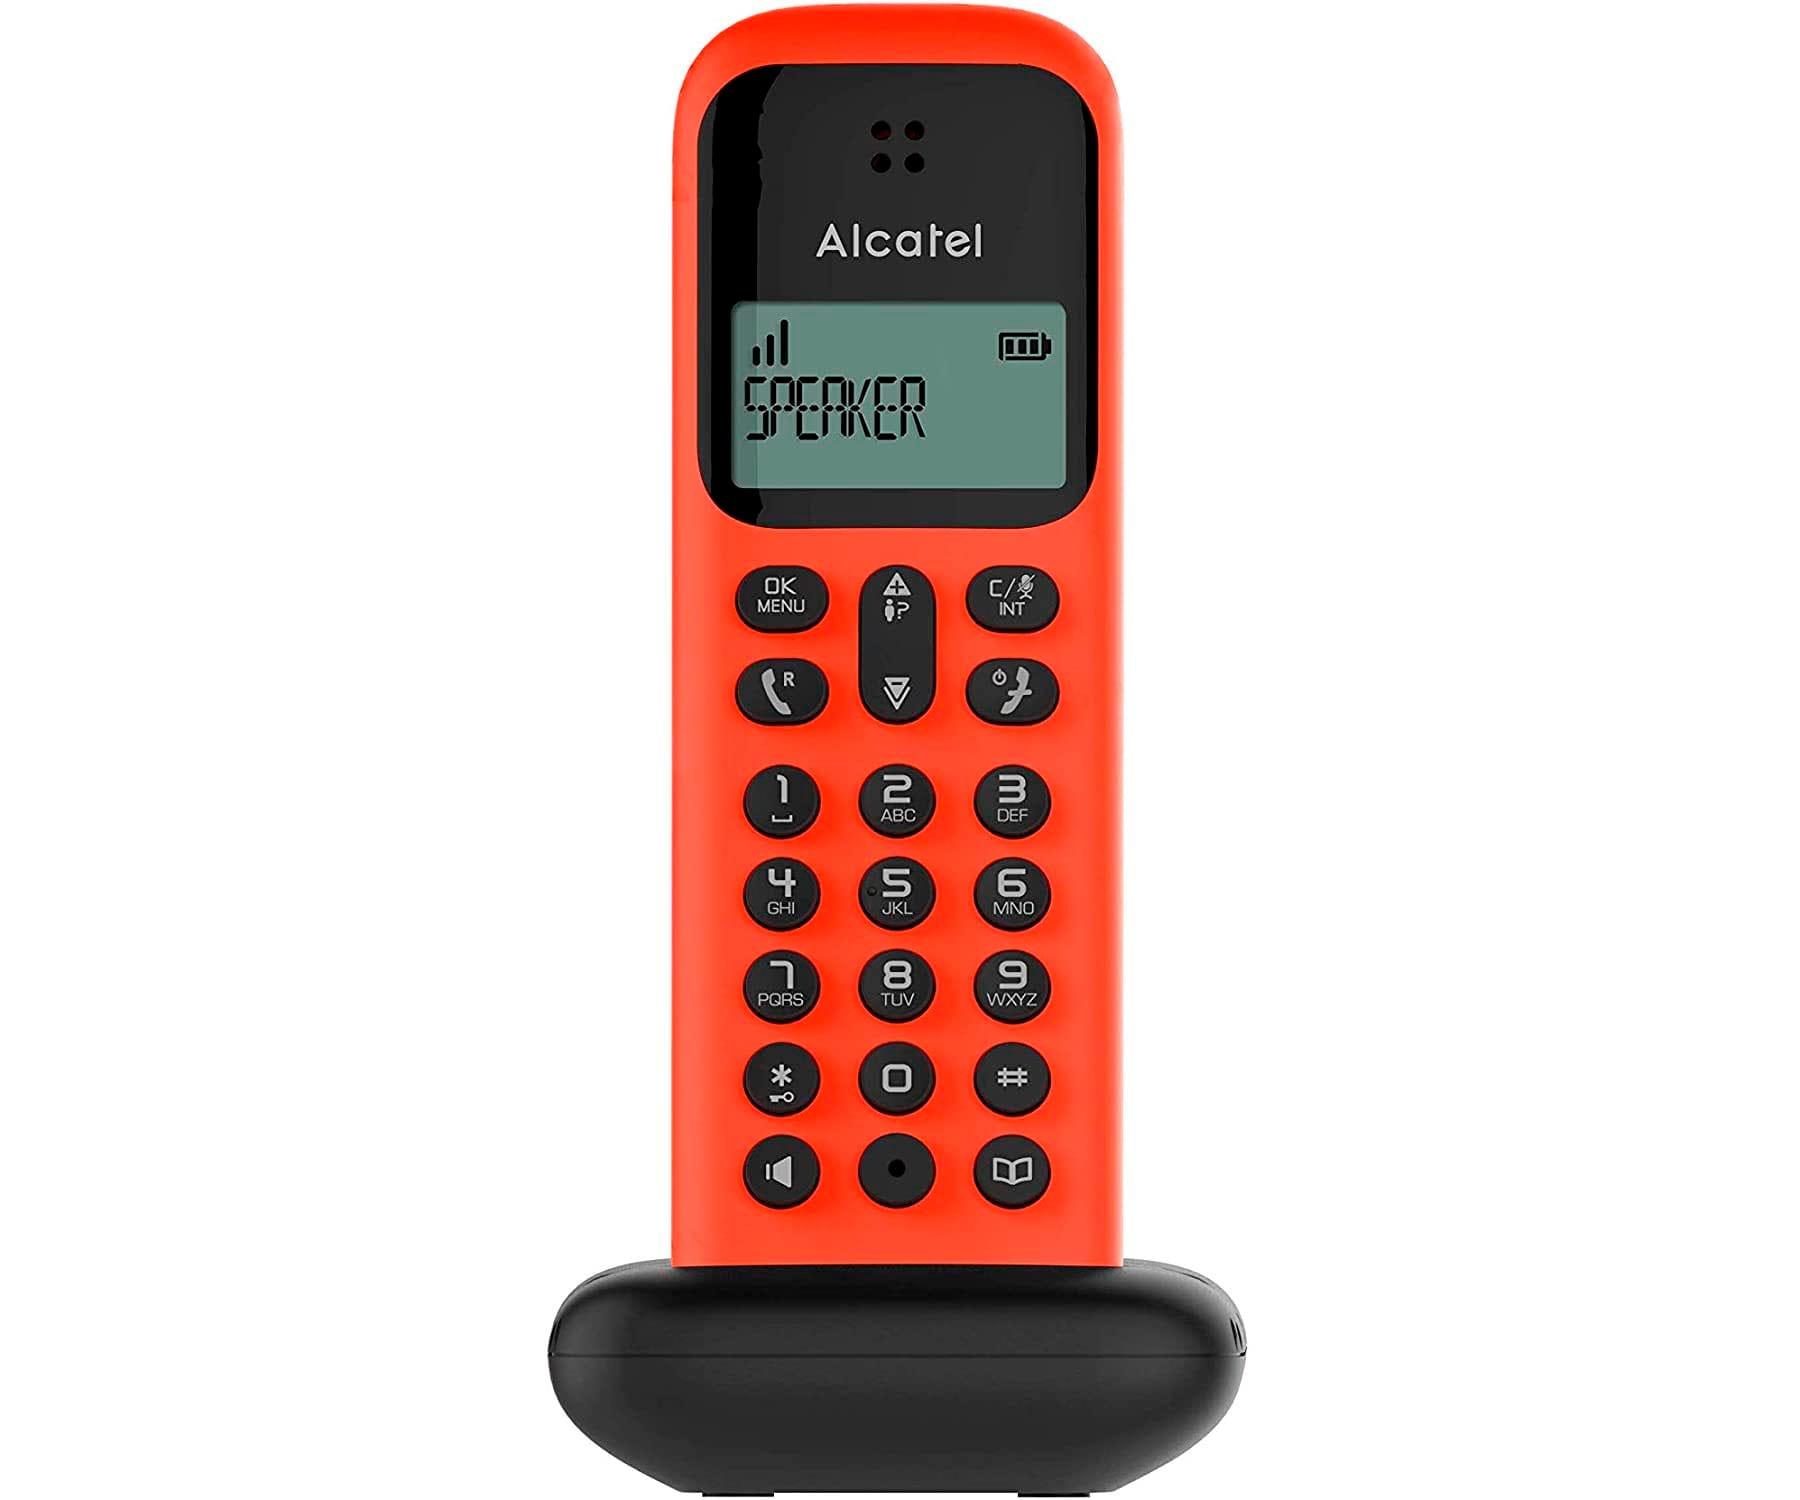 ALCATEL D285 ROJO TELÉFONO FIJO INALÁMBRICO PANTALLA SENCILLO Y ELEGANTE